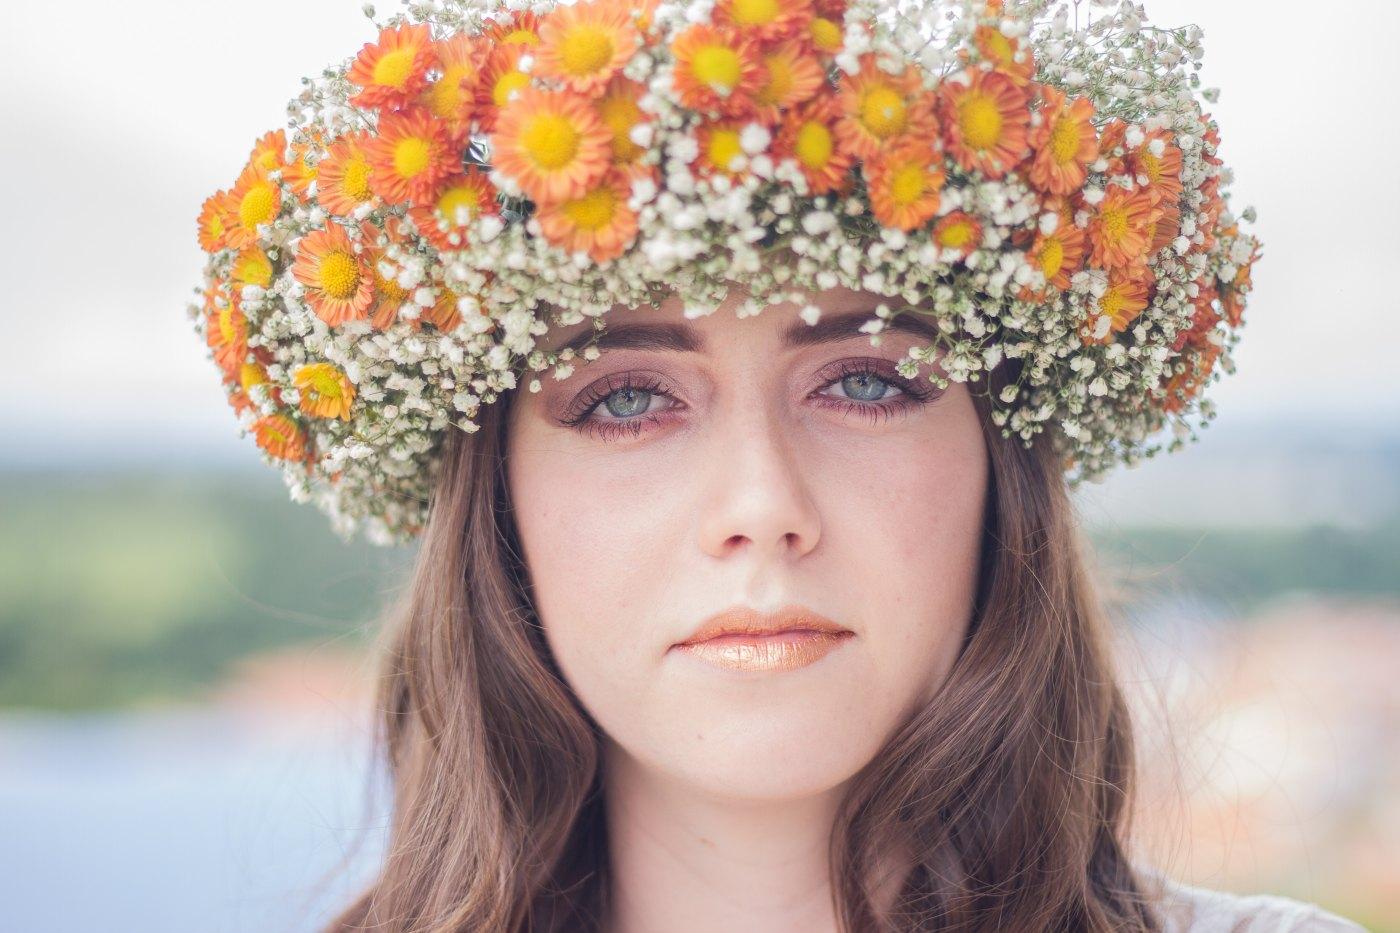 floris femeie cu coronita